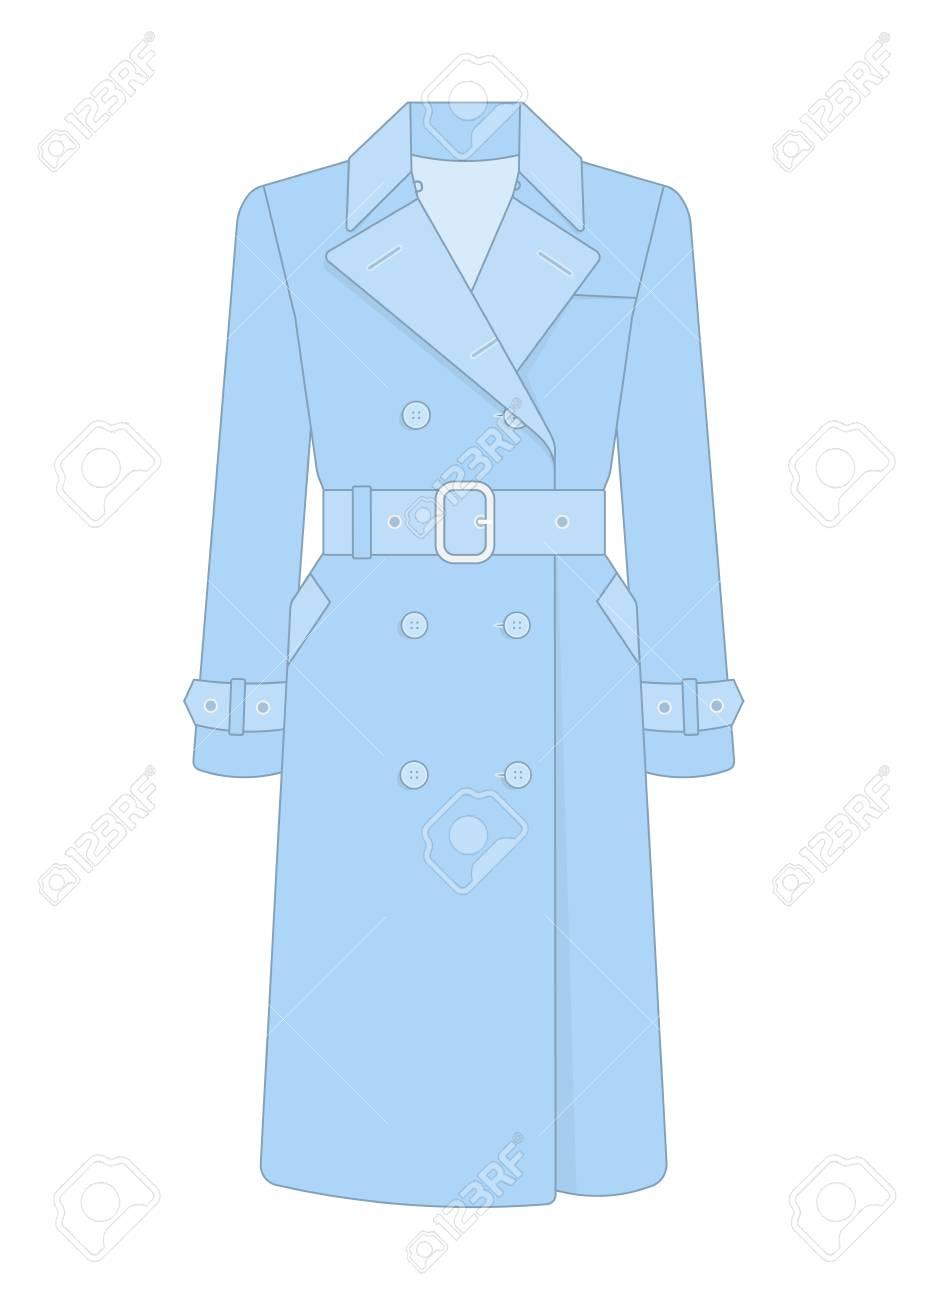 7212c718c830 Foto de archivo - Gabardina para mujer con cinturón. Modelo de moda del  guardarropa de las mujeres.